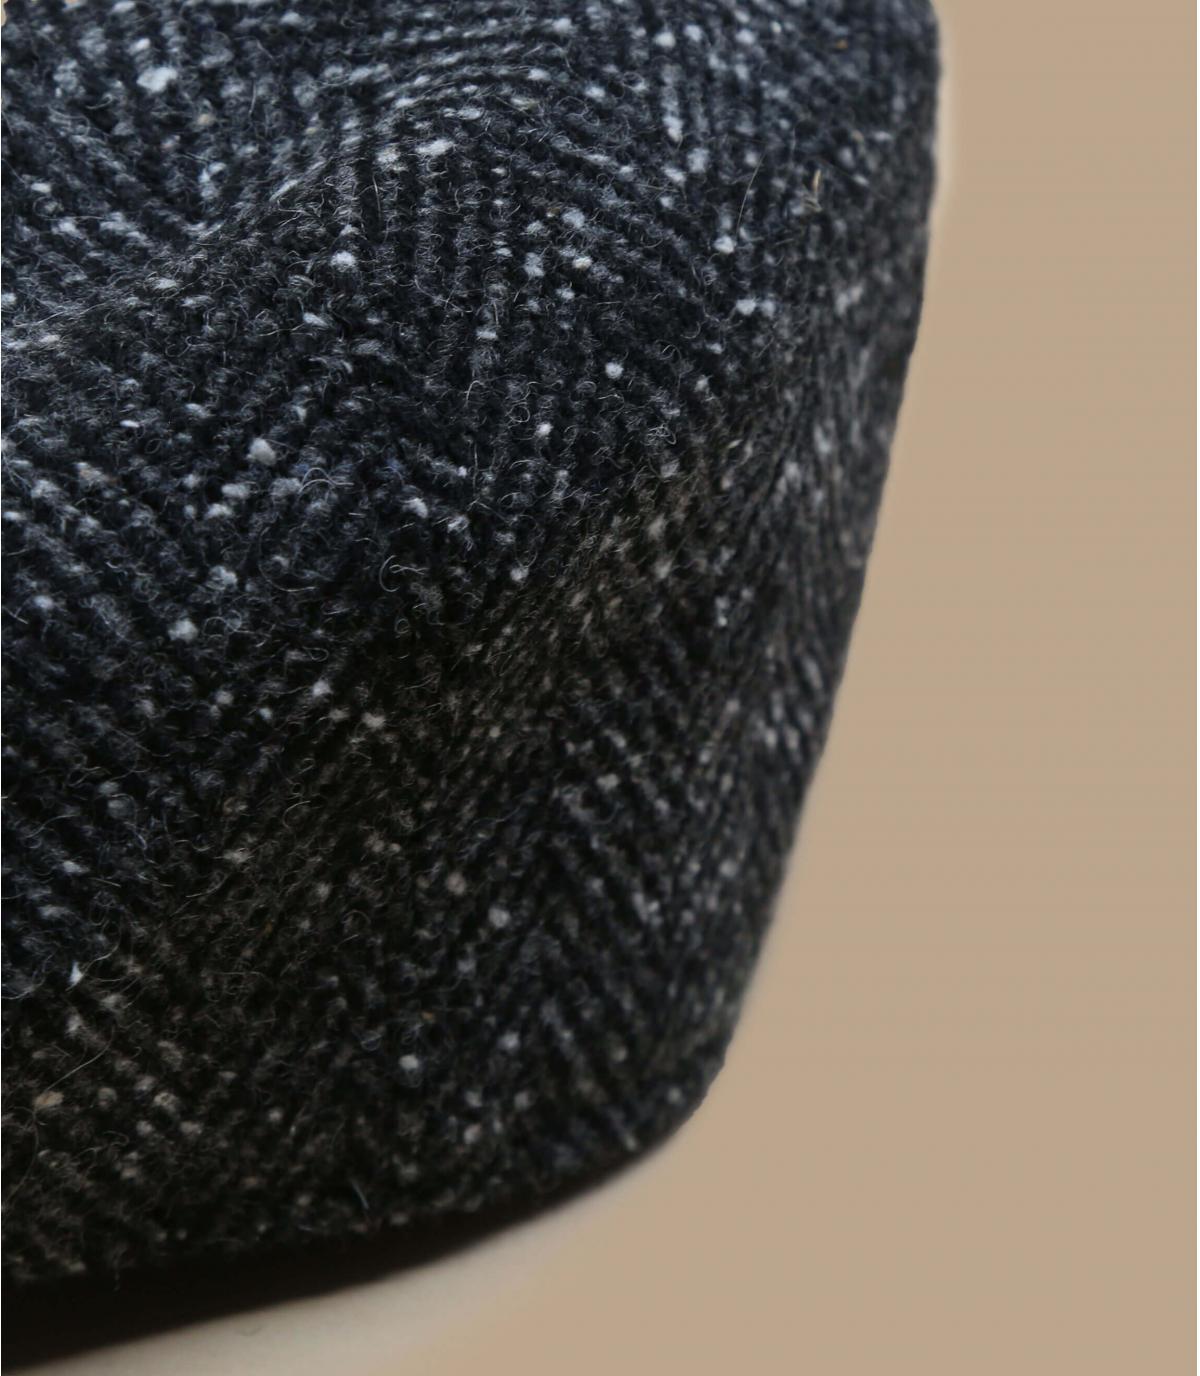 Détails Staffy Atollo noir - image 2